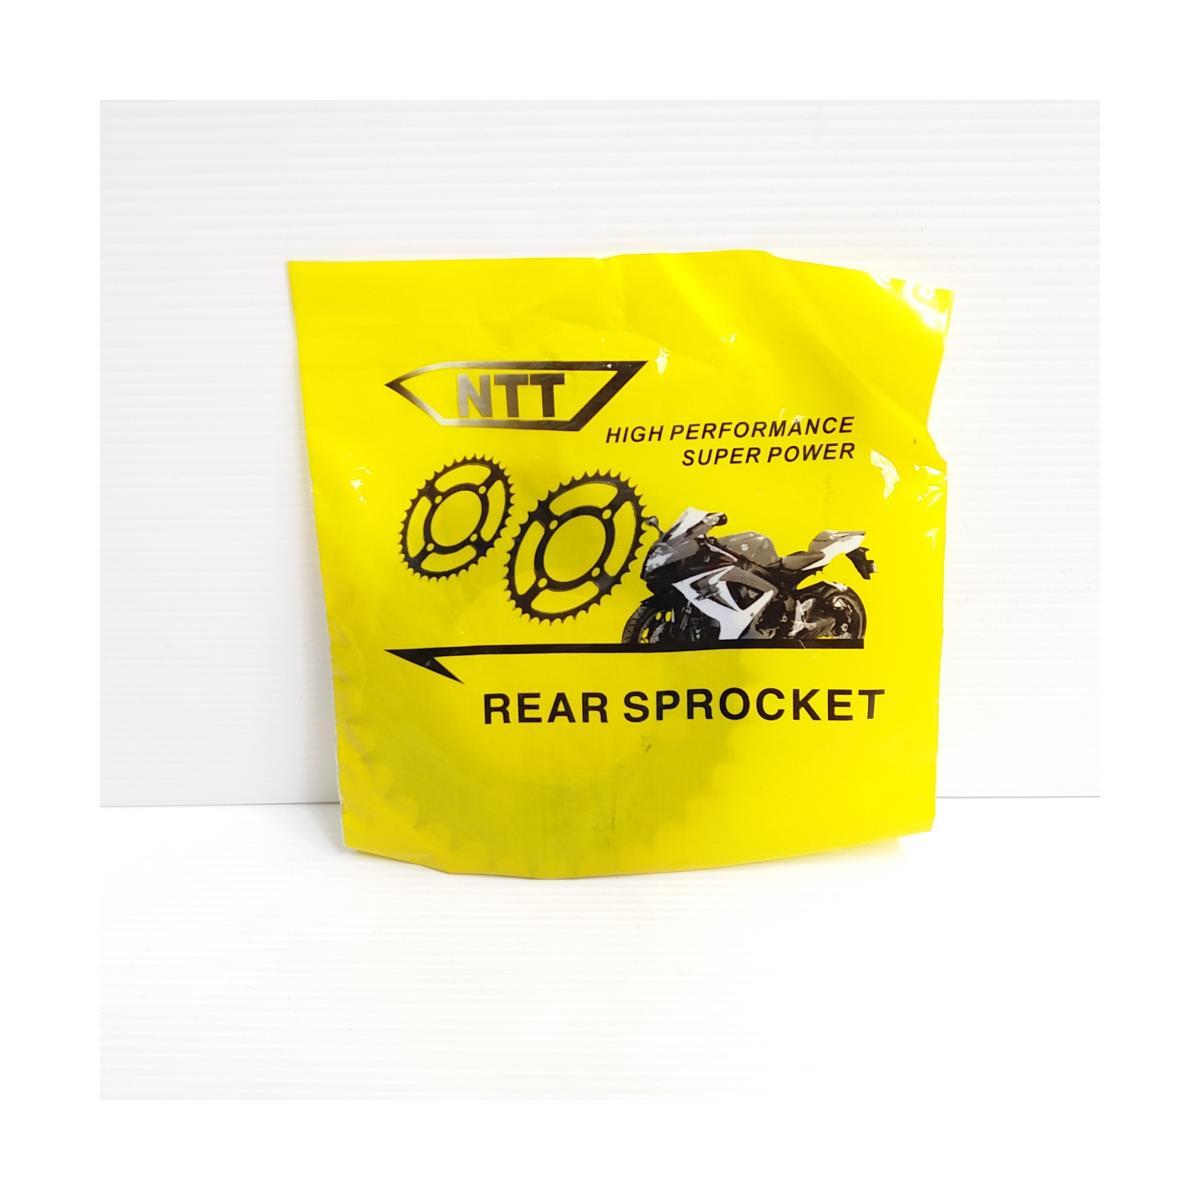 REAR SPROCKET RXZ 30T (428)(NTT)